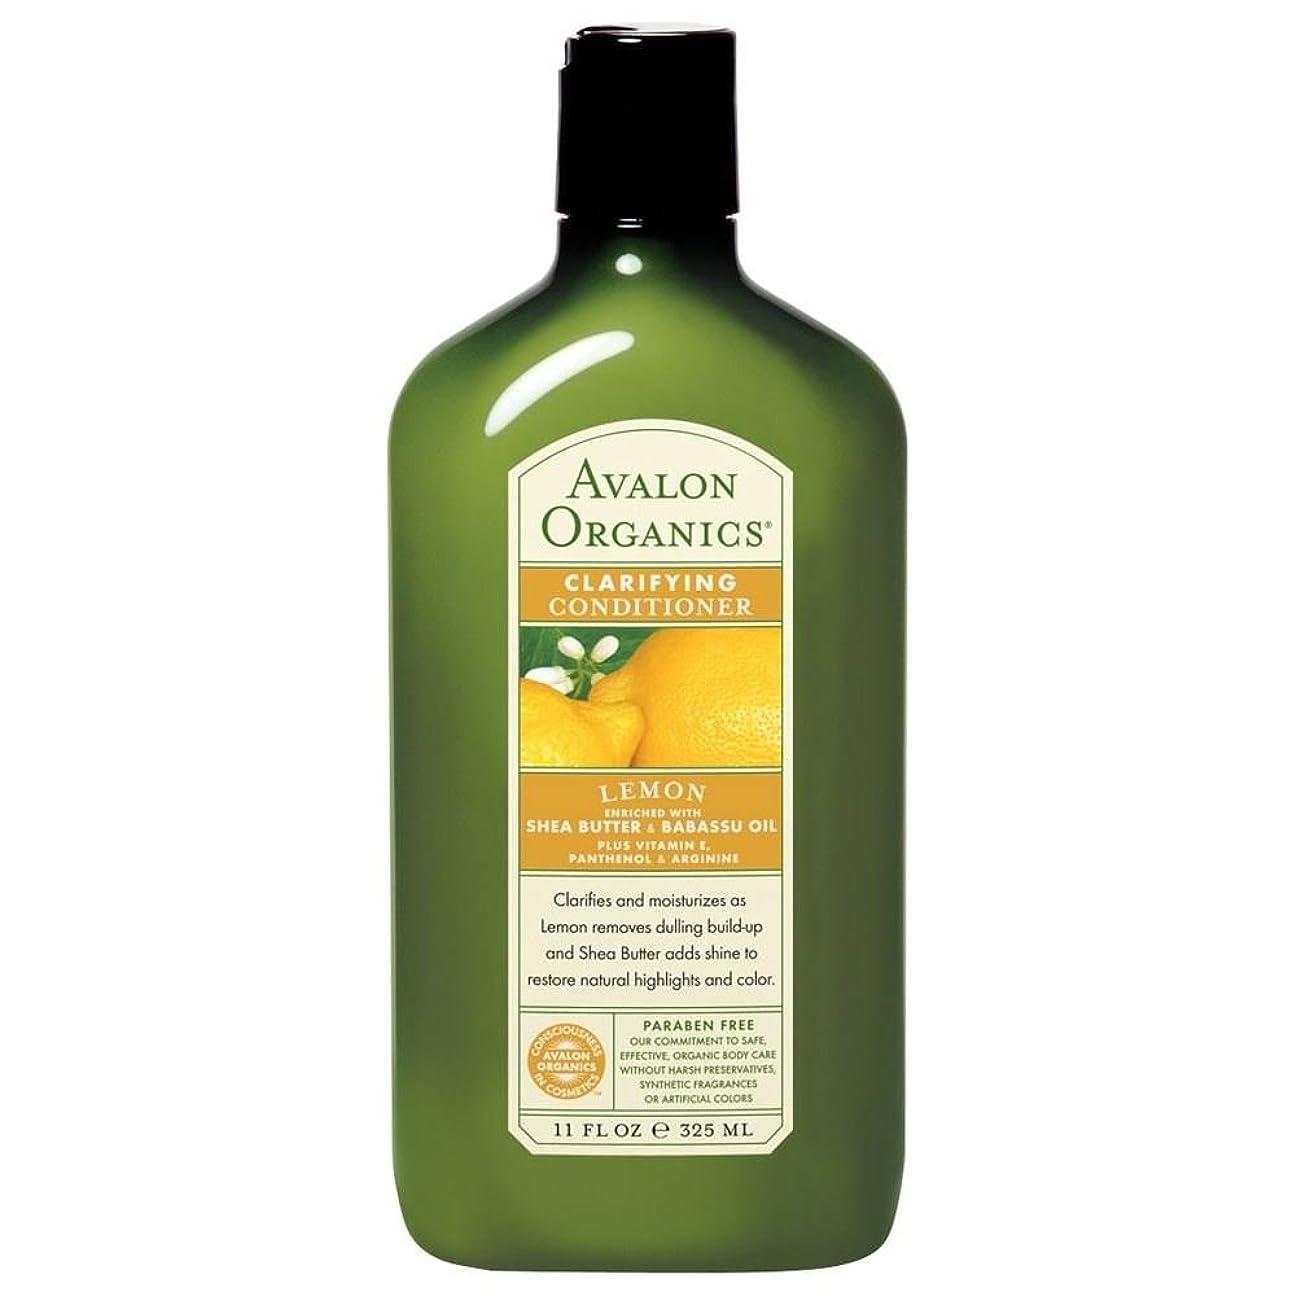 スーツ著名なに対処する[Avalon ] コンディショナーを明確にアバロンの有機物 - レモン(325ミリリットル) - Avalon Organics Clarifying Conditioner - Lemon (325ml) [並行輸入品]